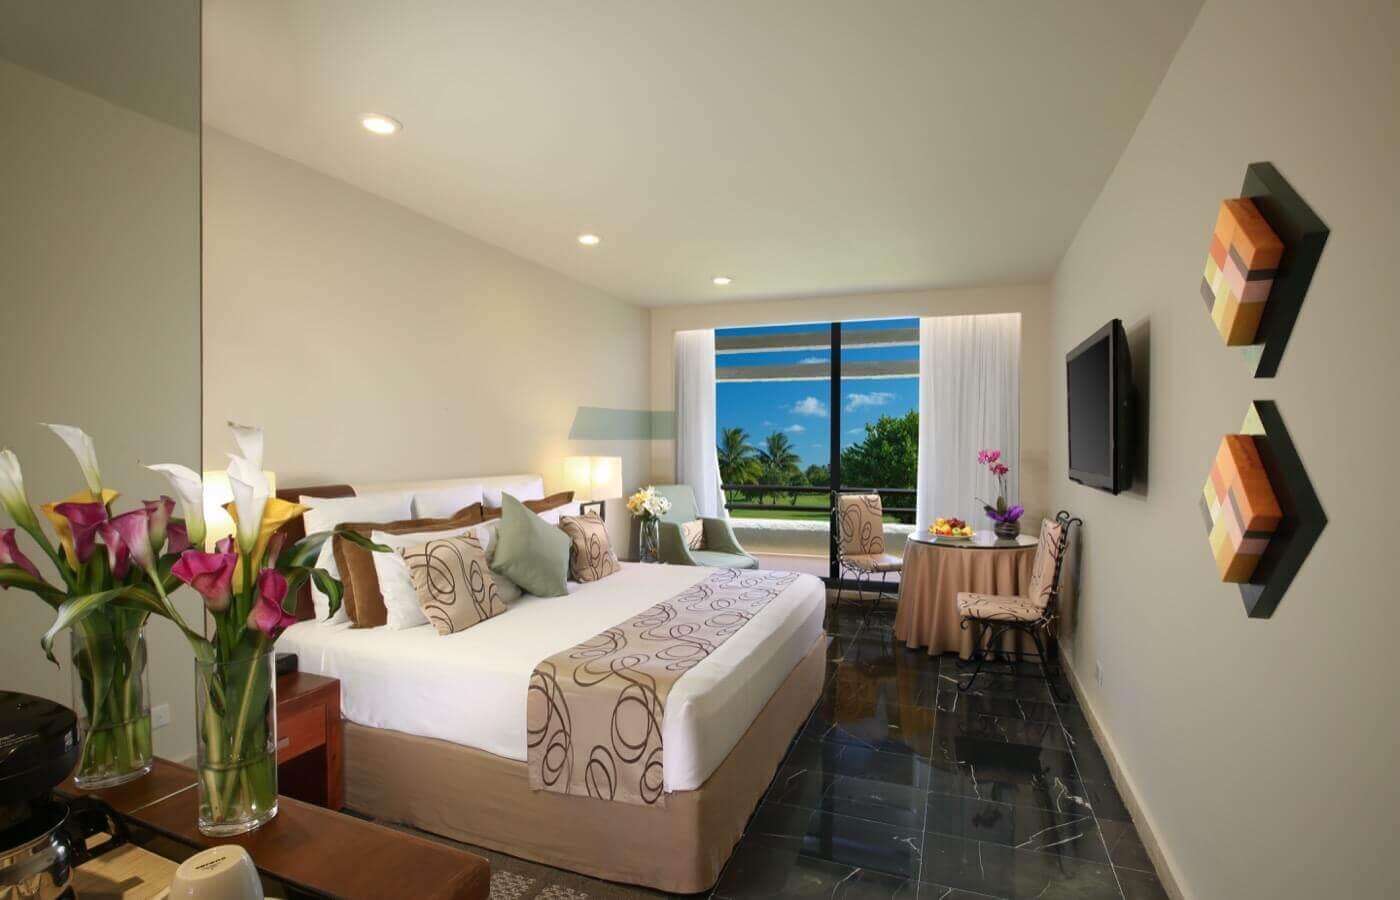 Habitación Vista al Mar vista lateral con decoración café, cama King Size y hermosa vista en hotel Grand Oasis Cancun